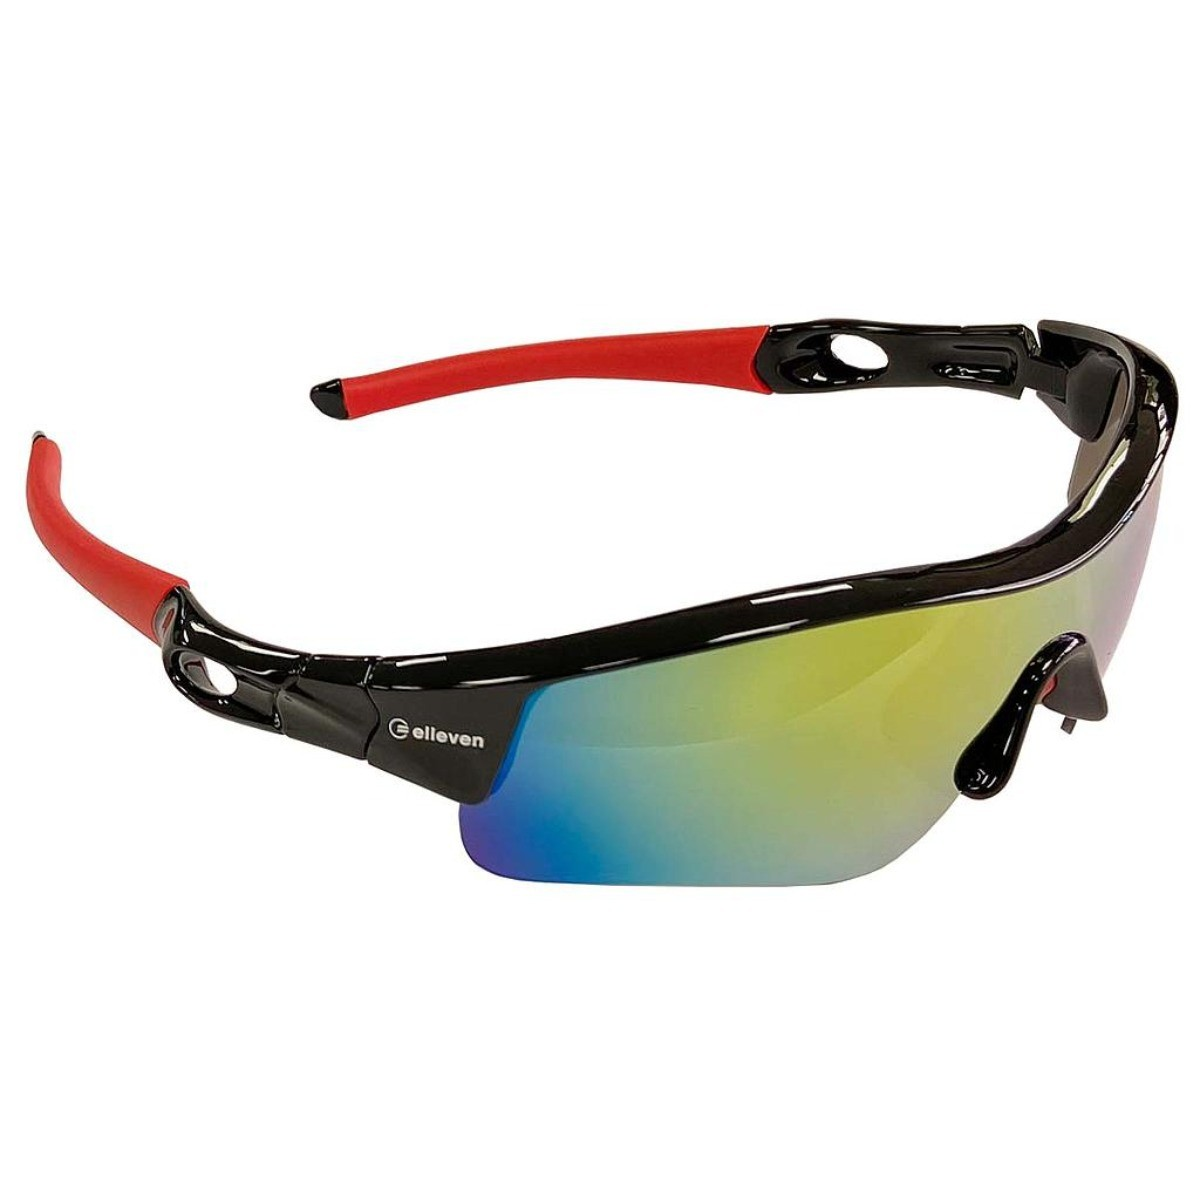 Óculos Ciclismo Polarizada Mask Elleven Bike Vermelho/preto